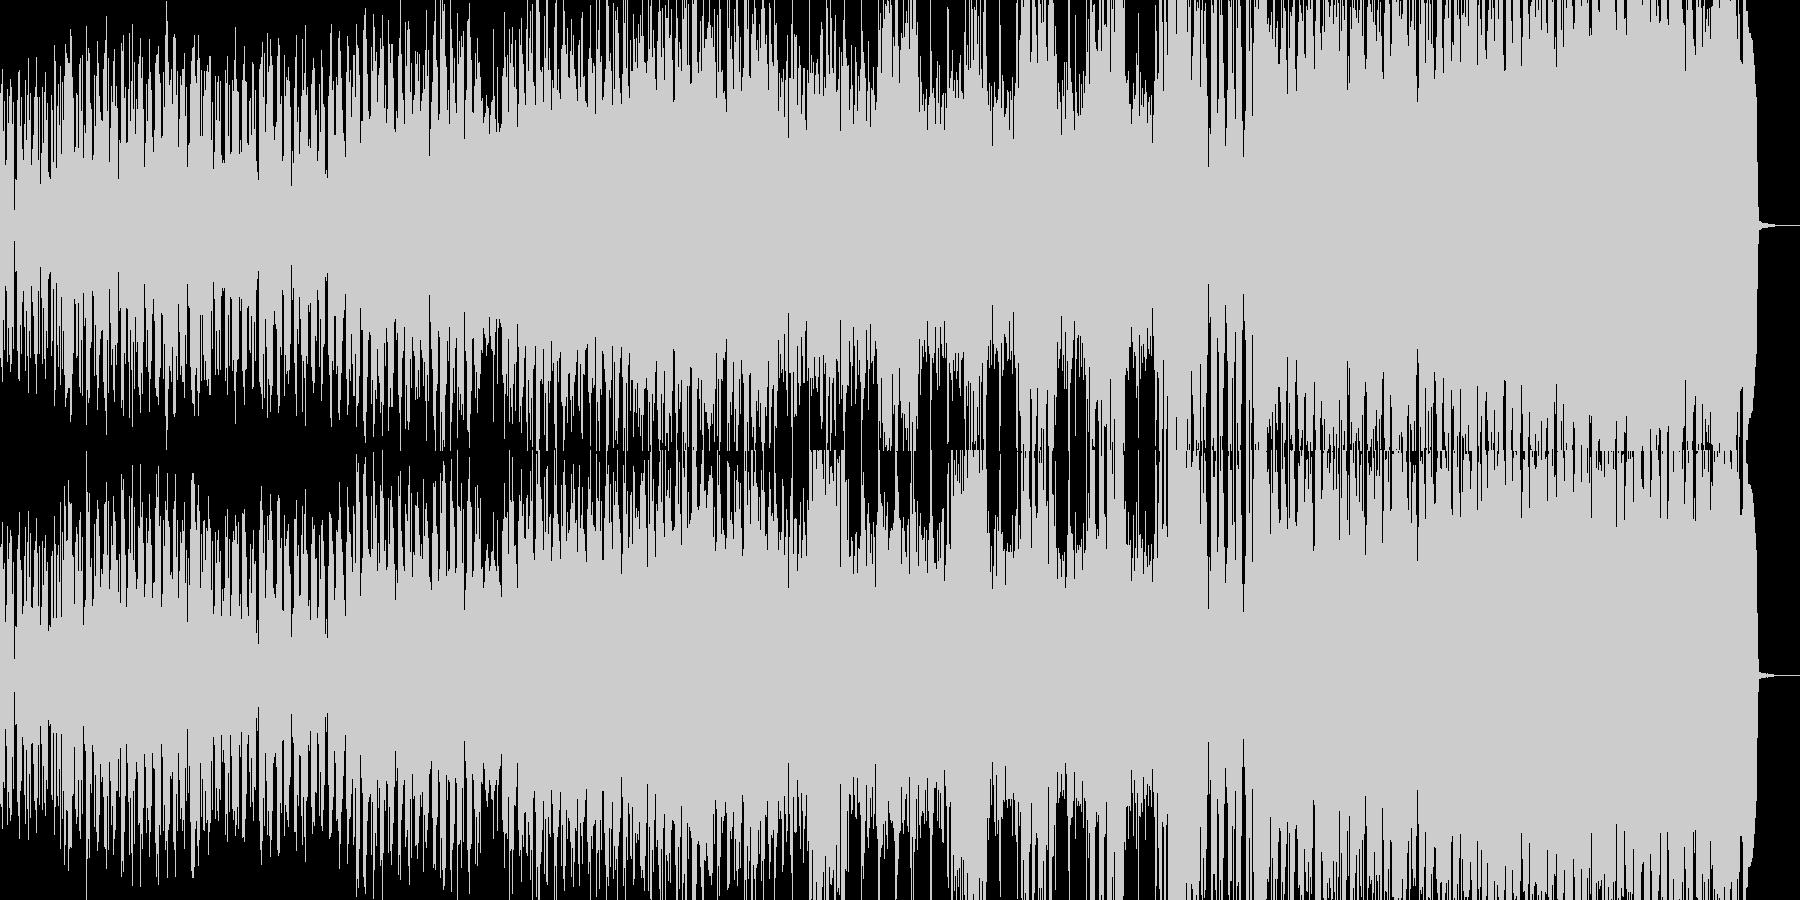 力強いバトルイメージの曲ですの未再生の波形